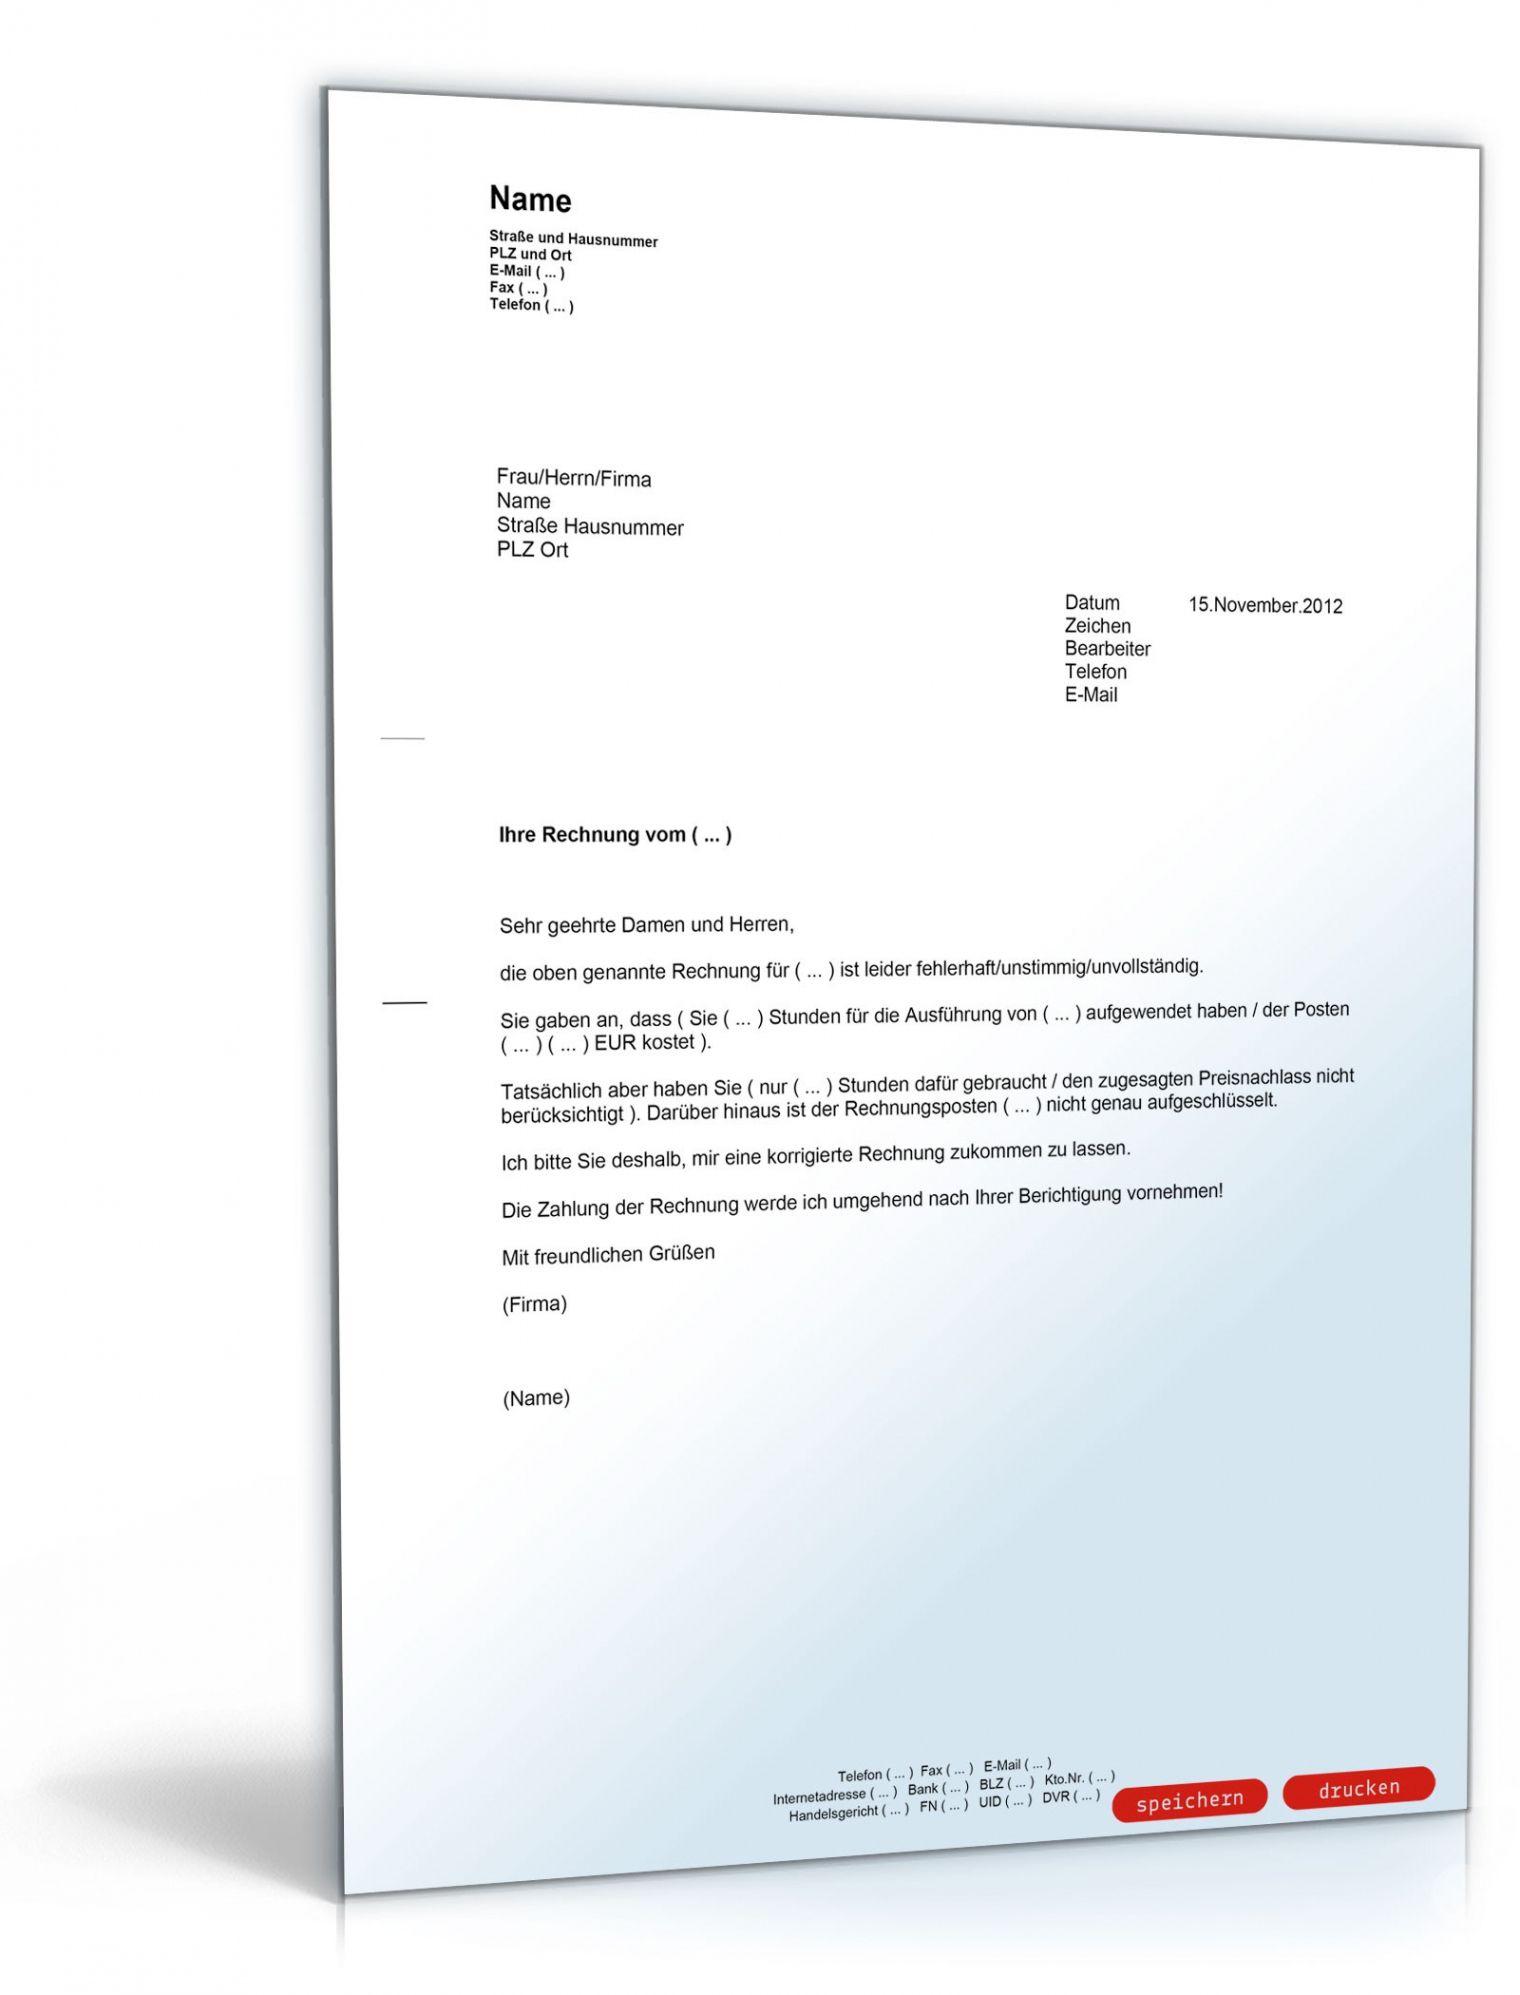 Scrollen Unsere Kostenlos Von Berichtigungsdokument Rechnung Vorlage In 2020 Rechnung Vorlage Vorlagen Rechnungsvorlage